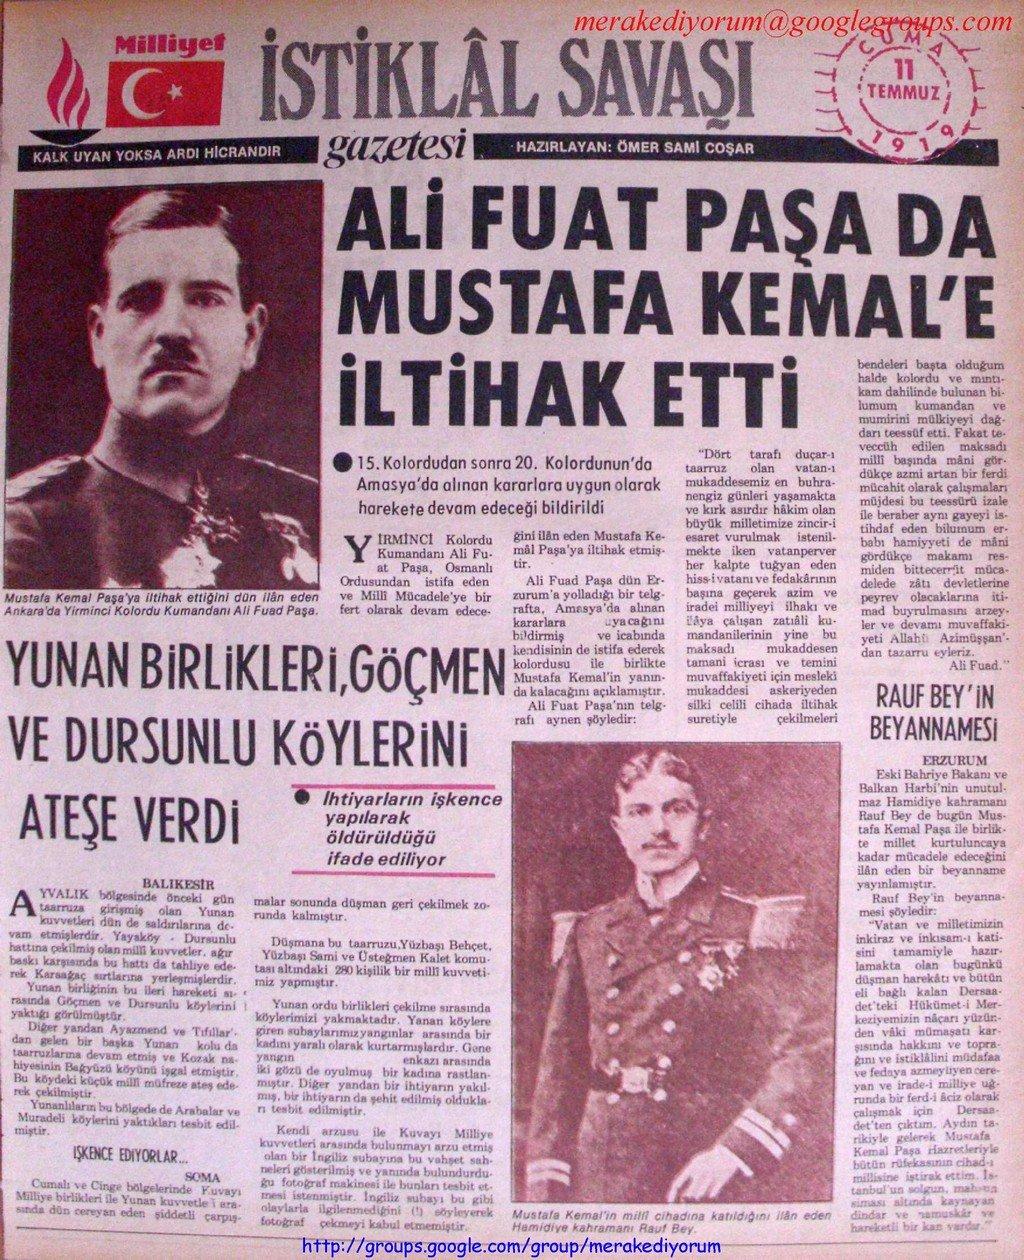 istiklal savaşı gazetesi - 11 temmuz 1919